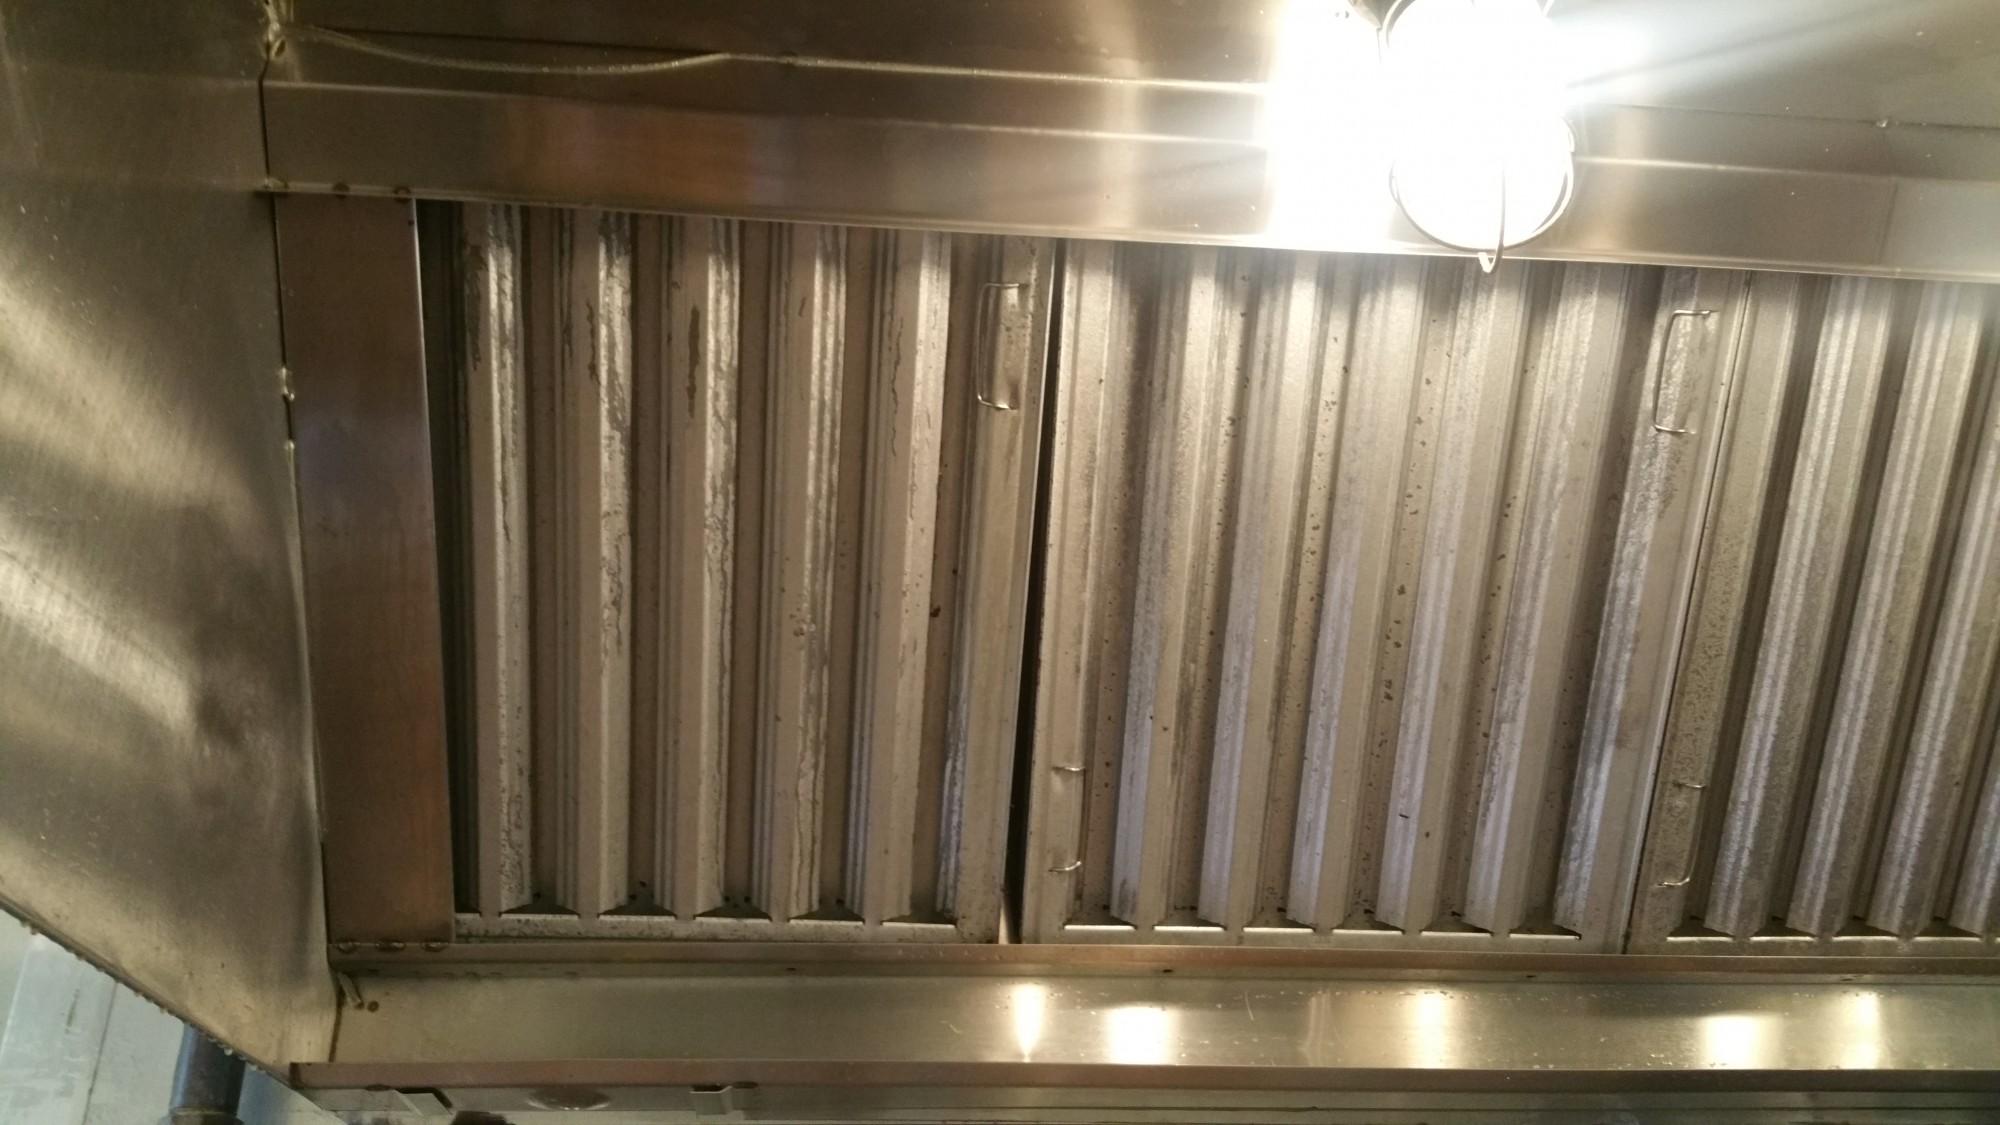 restaurant-kitchen-hood